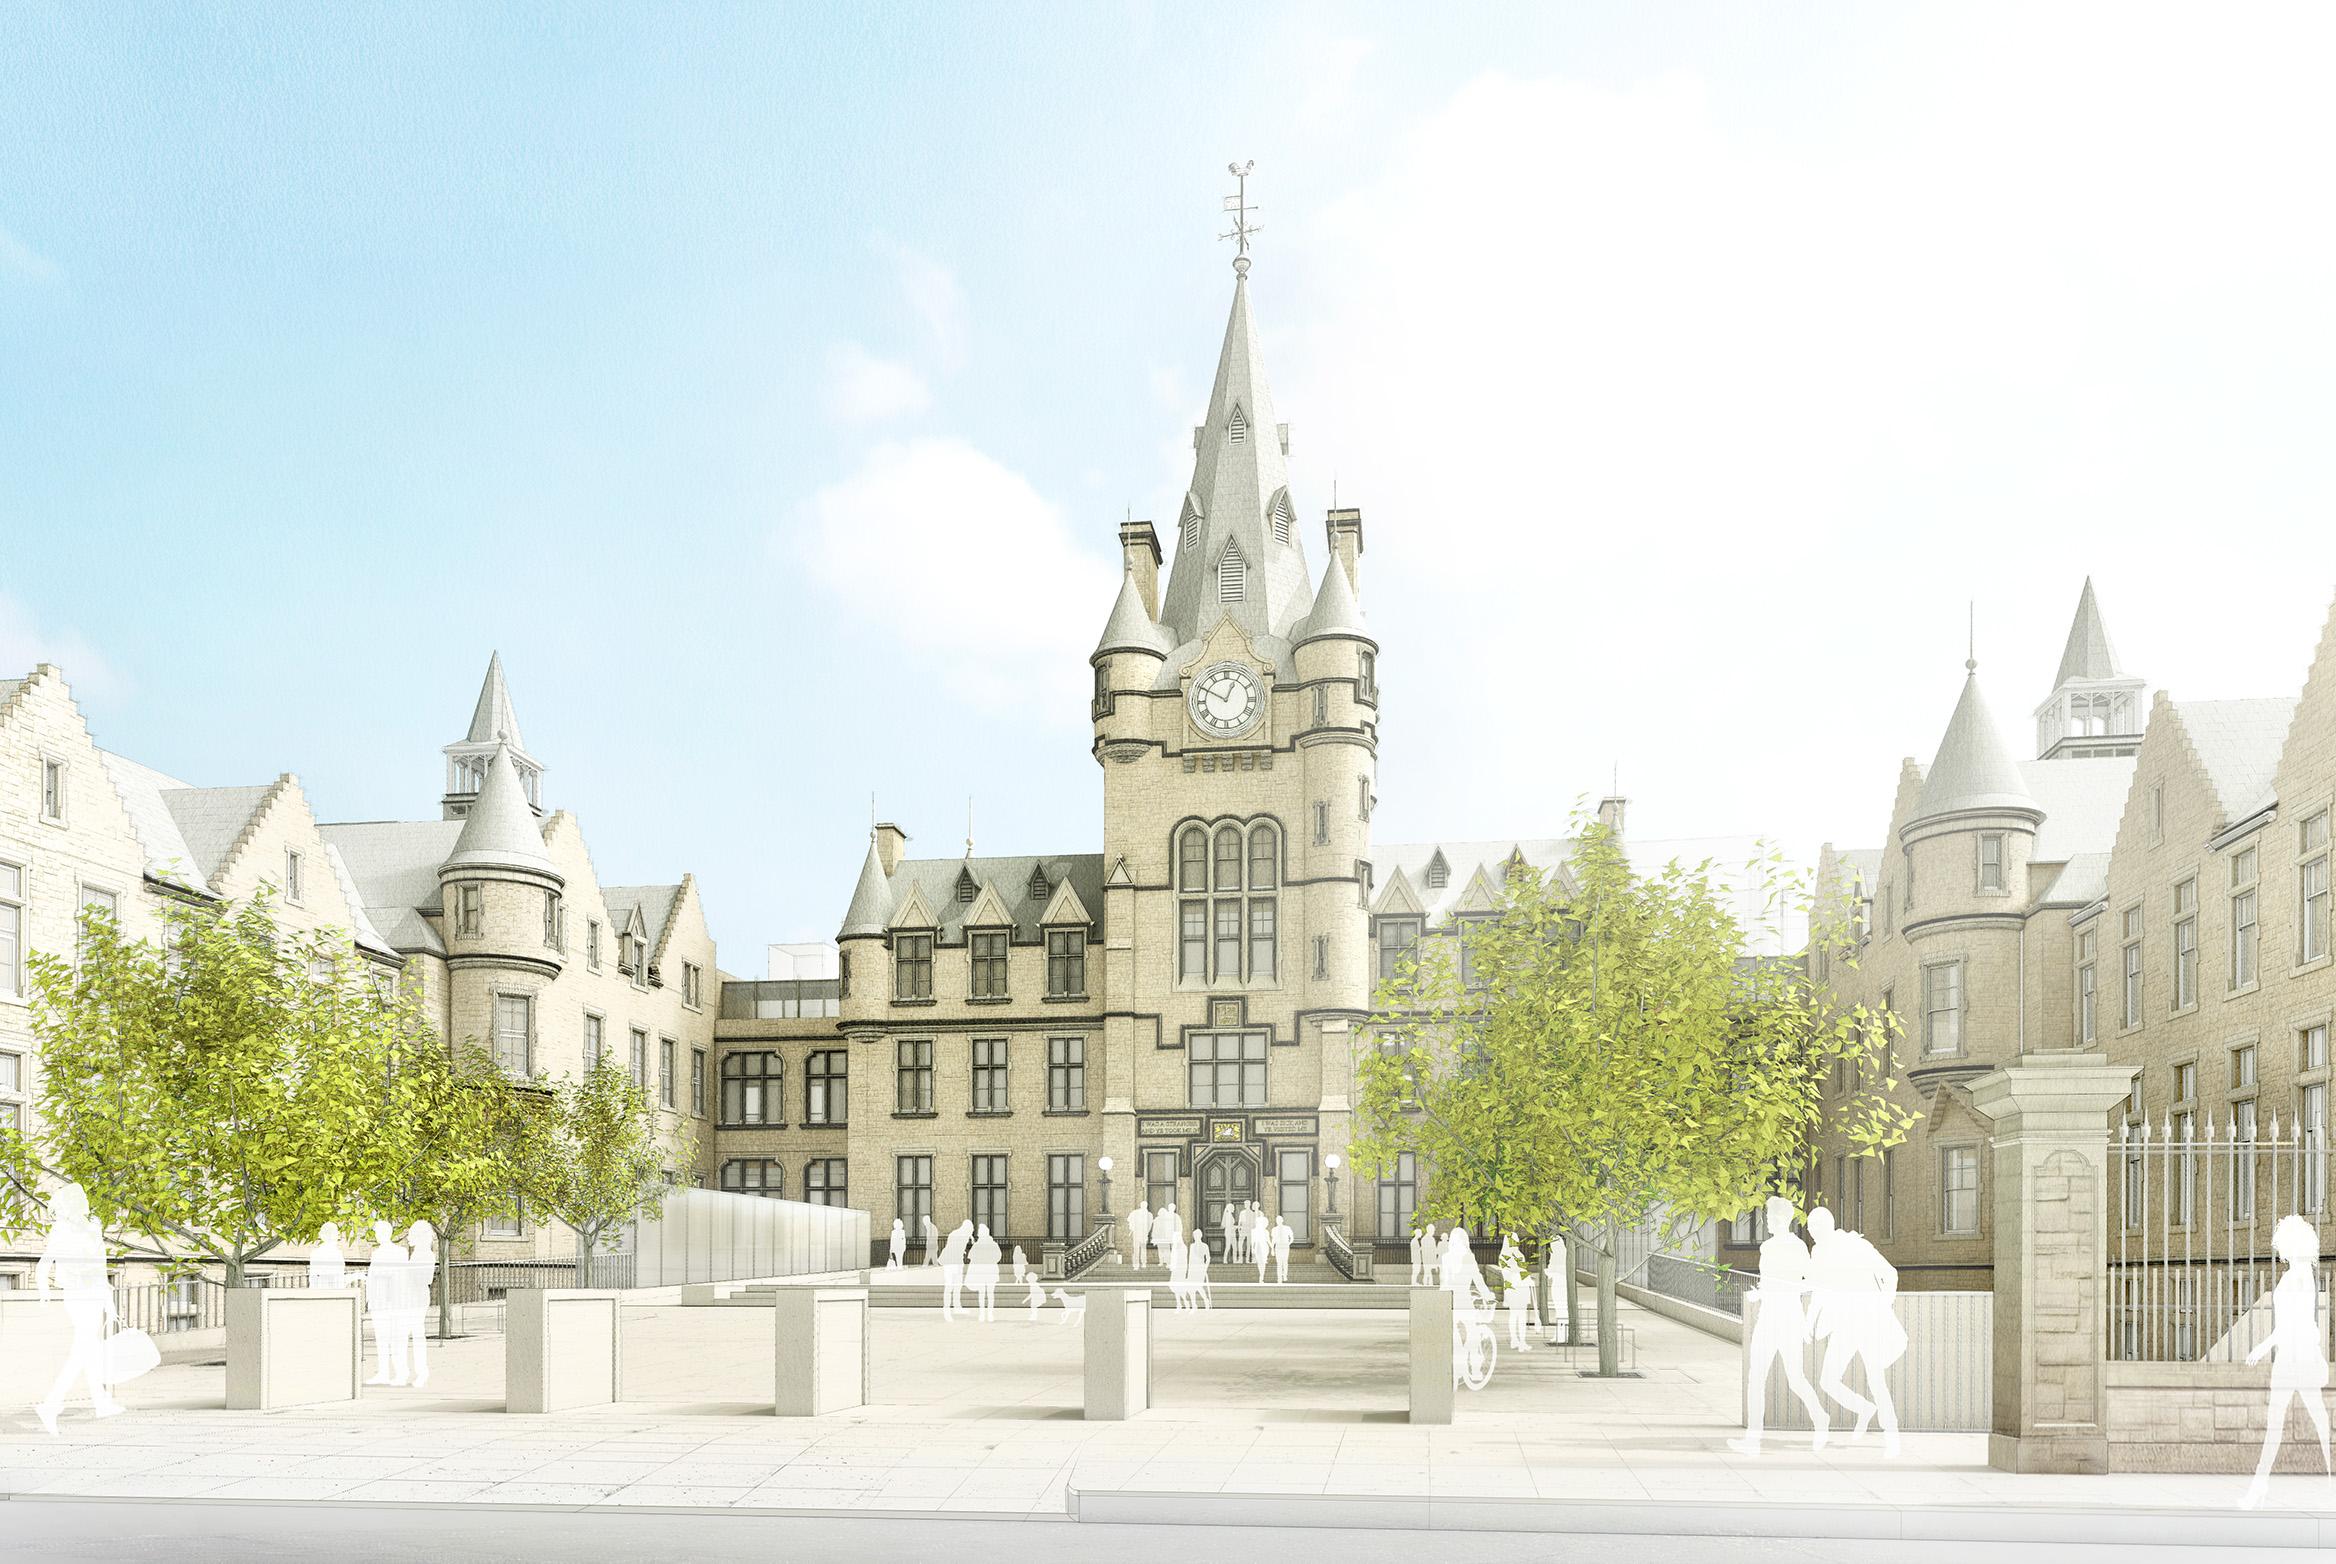 On site at Edinburgh Futures Institute